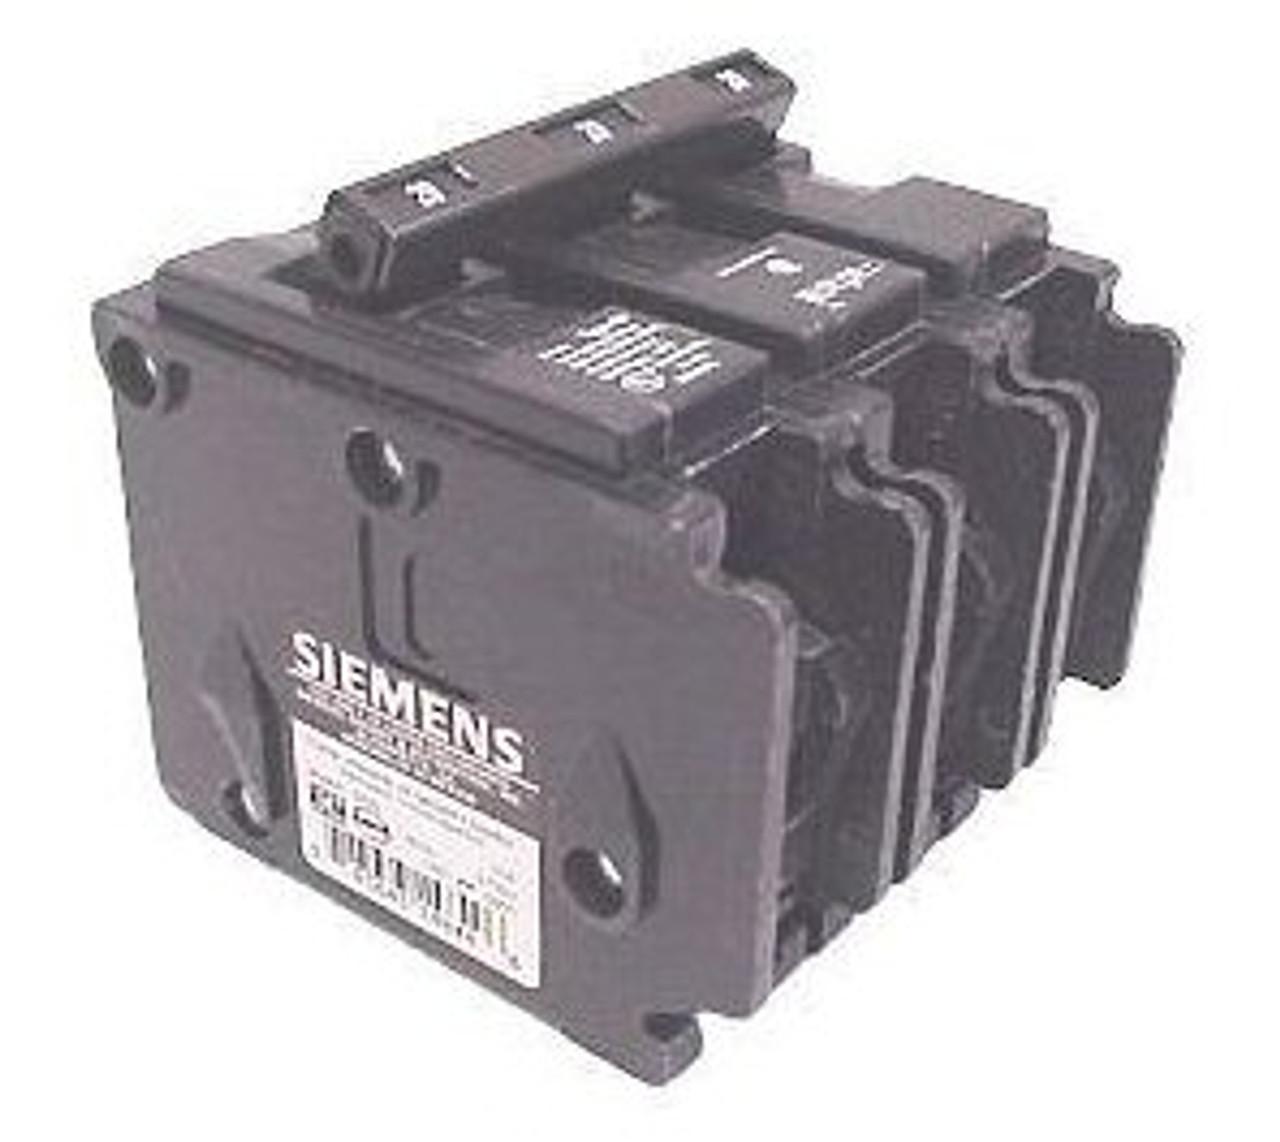 Siemens Q33000S7 3 Pole 30 Amp 240V 24V Shunt QP Circuit Breaker - Used